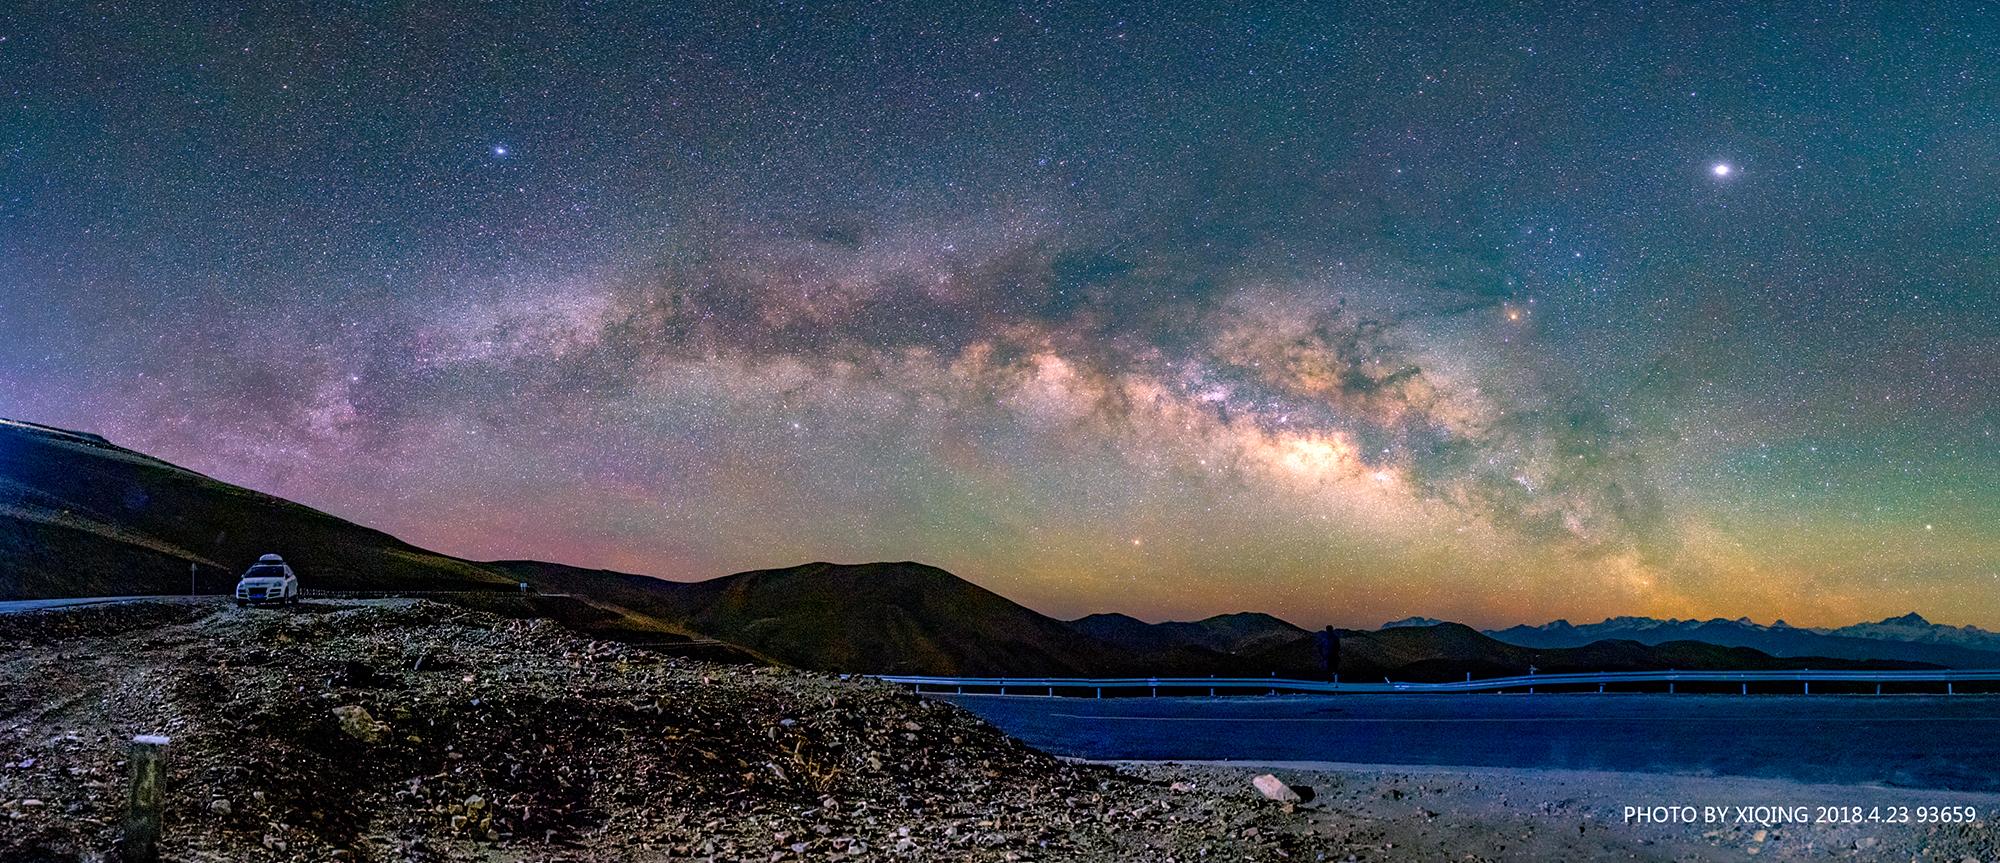 DSC_8331-Panorama.jpg